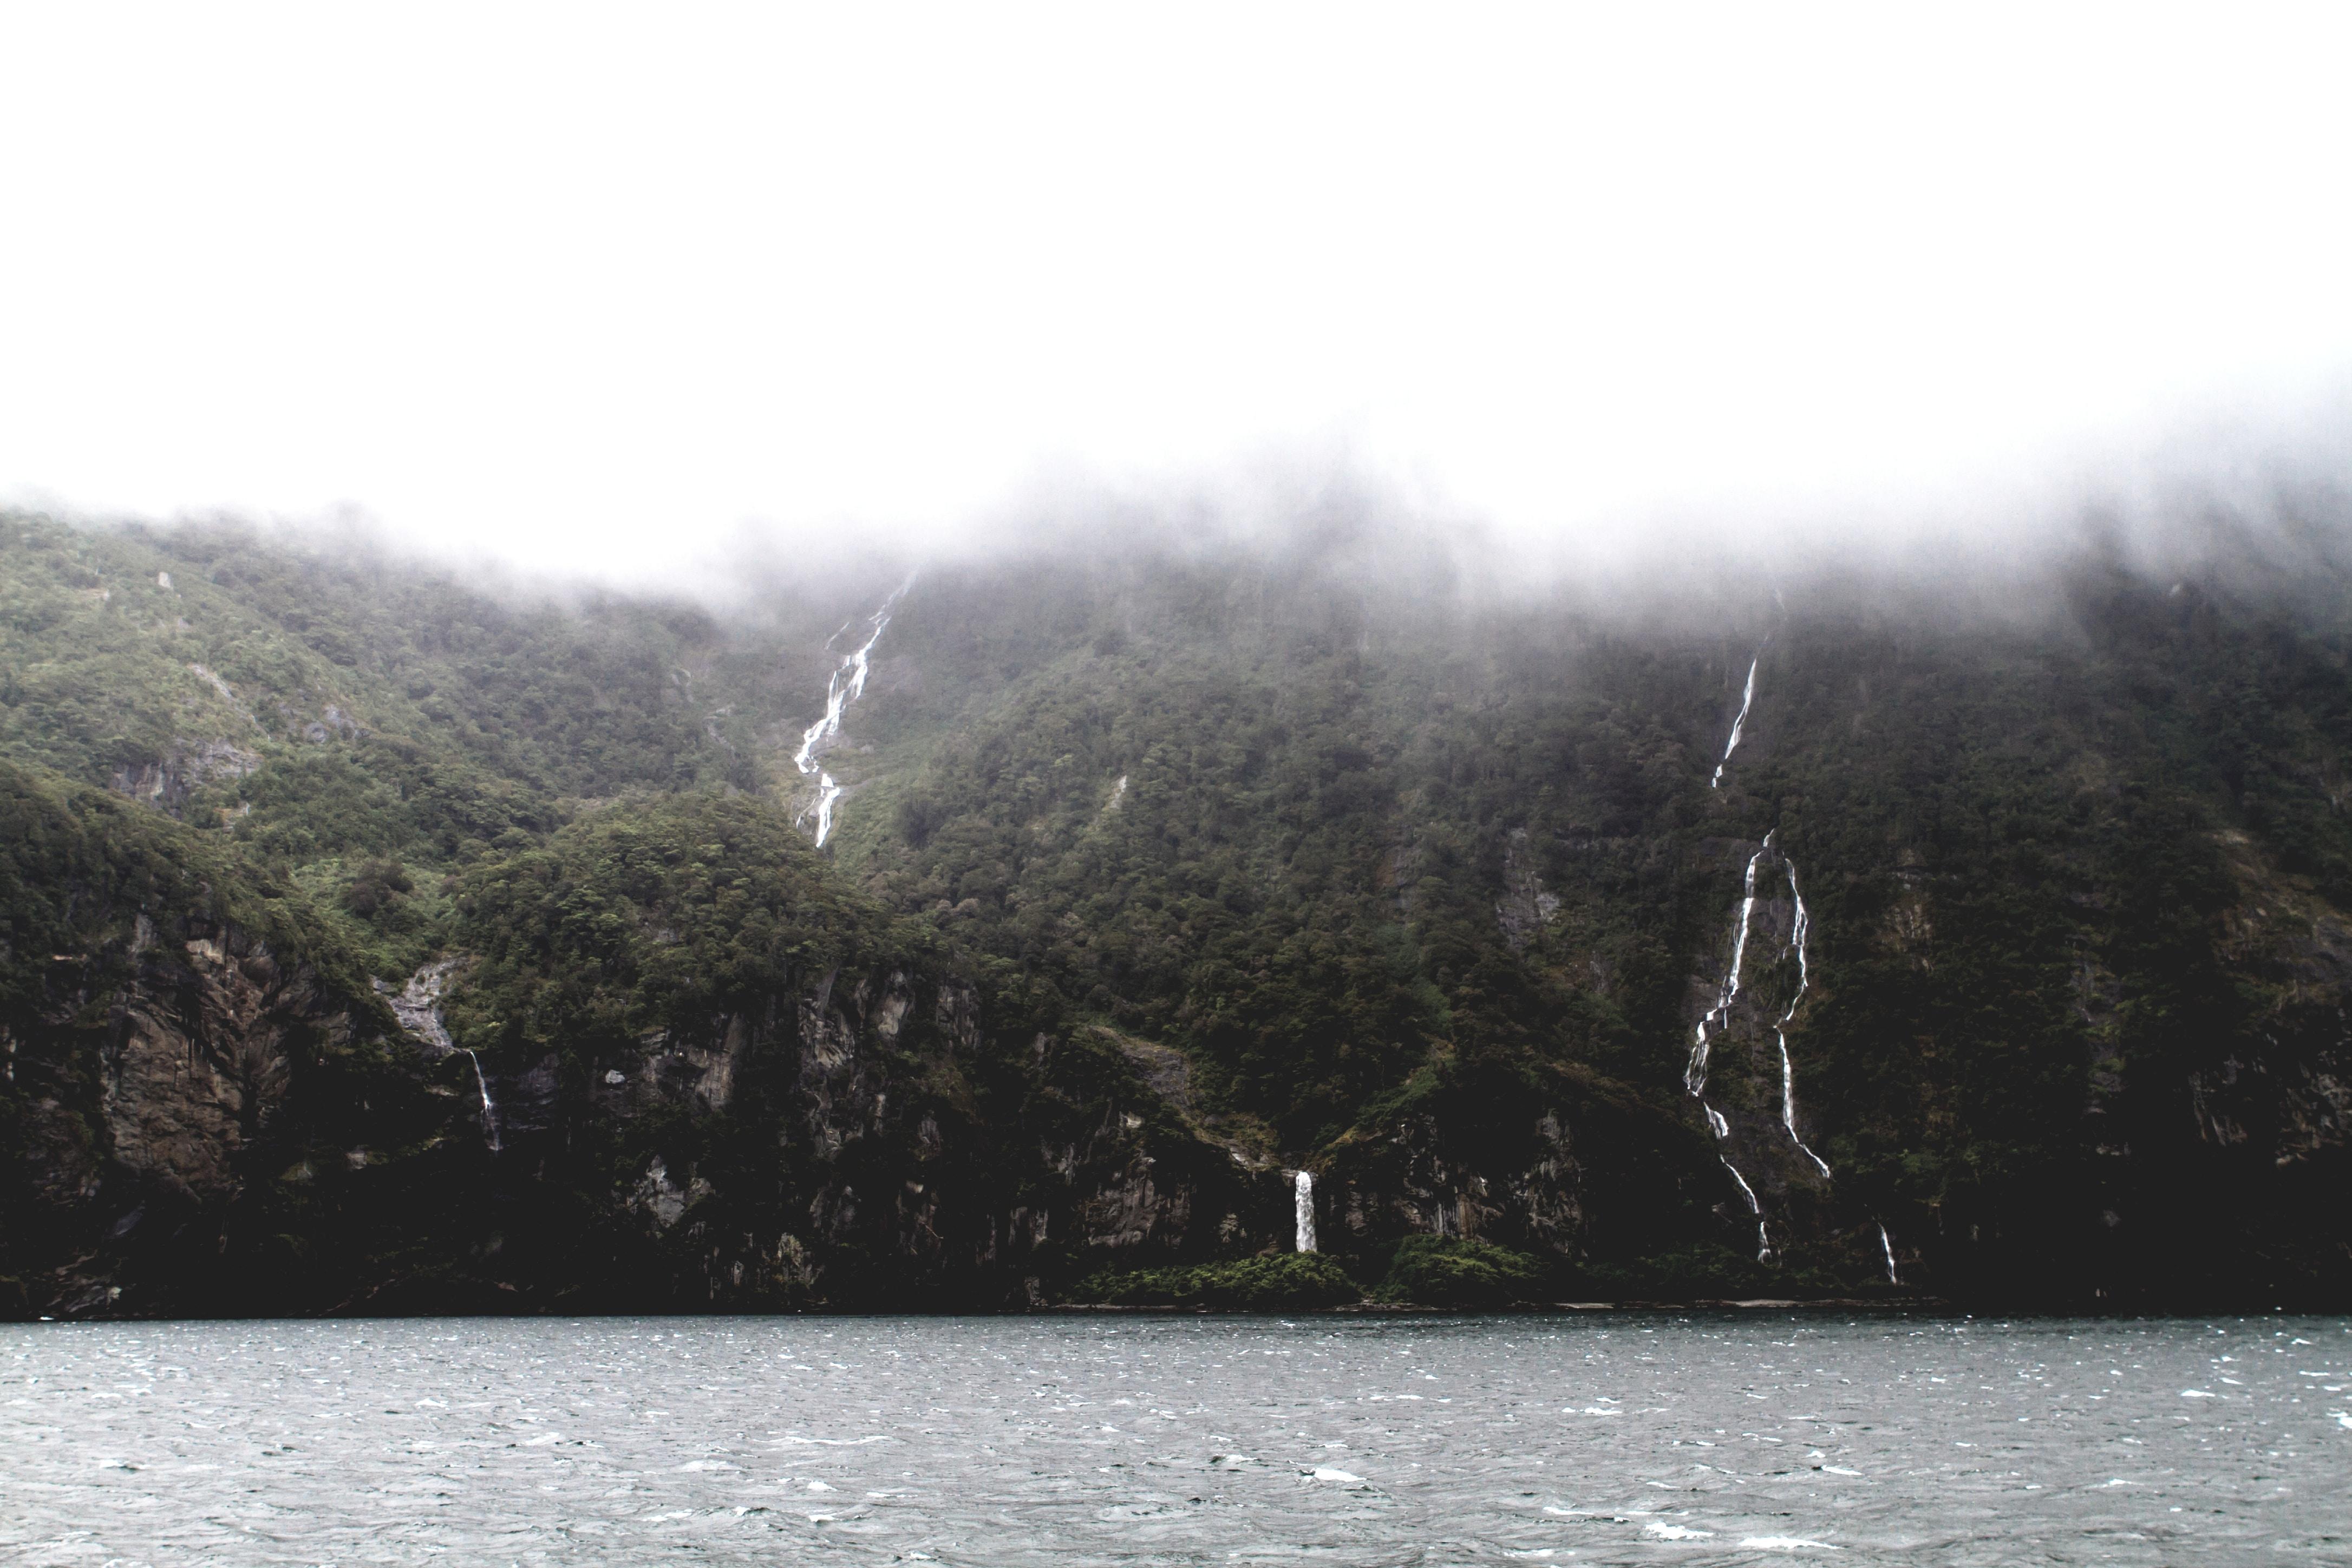 lake near waterfalls beside trees at daytime